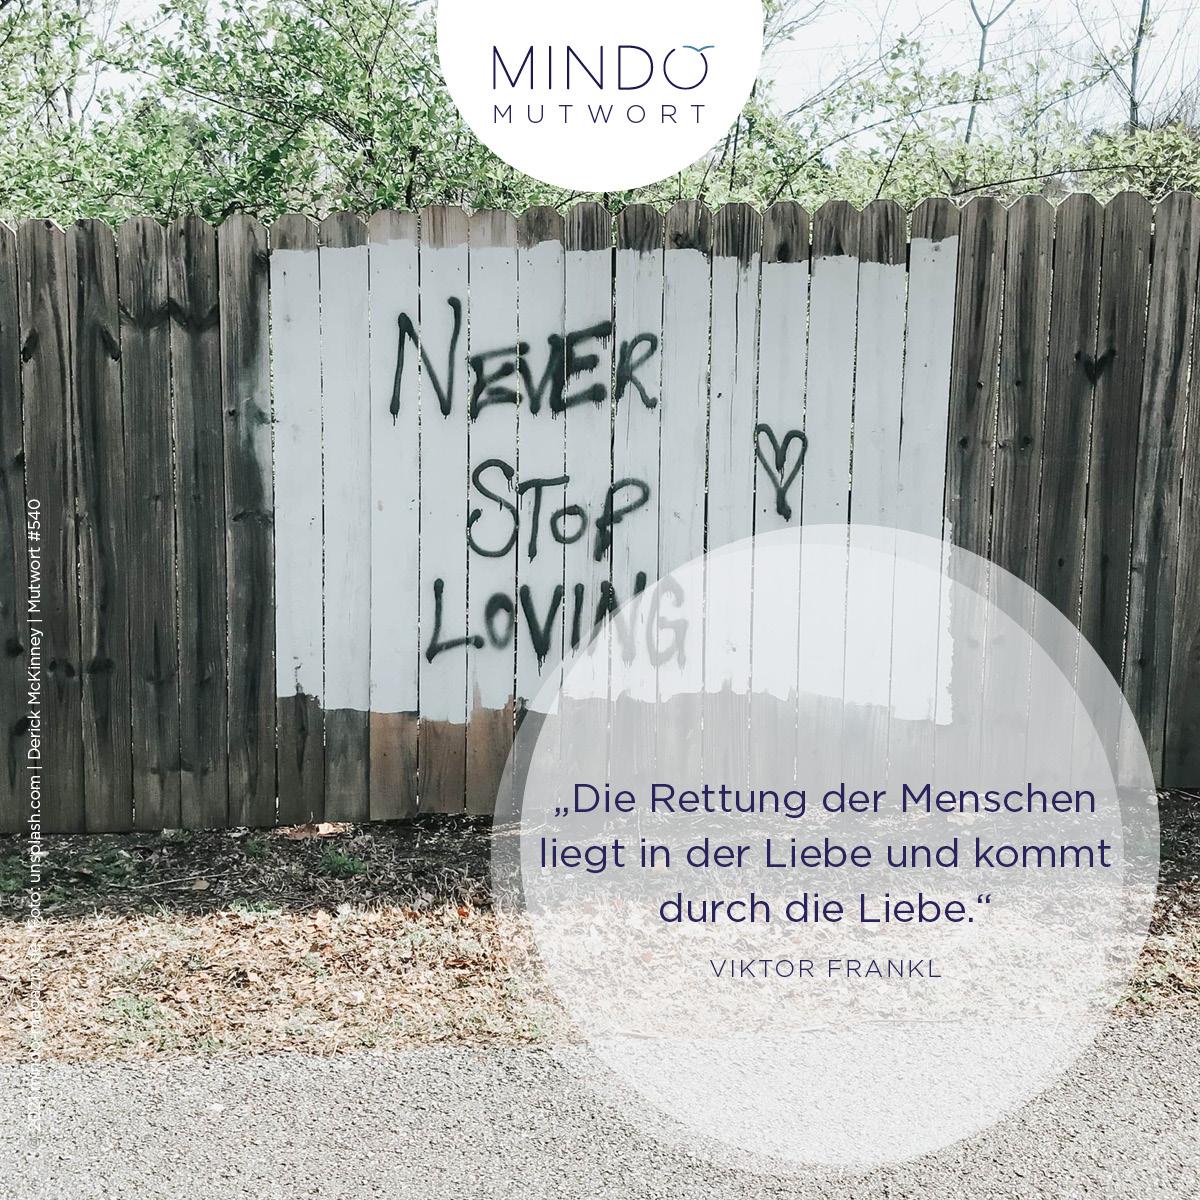 """""""Die Rettung der Menschen liegt in der Liebe und kommt durch die Liebe."""" – Viktor Frankl"""